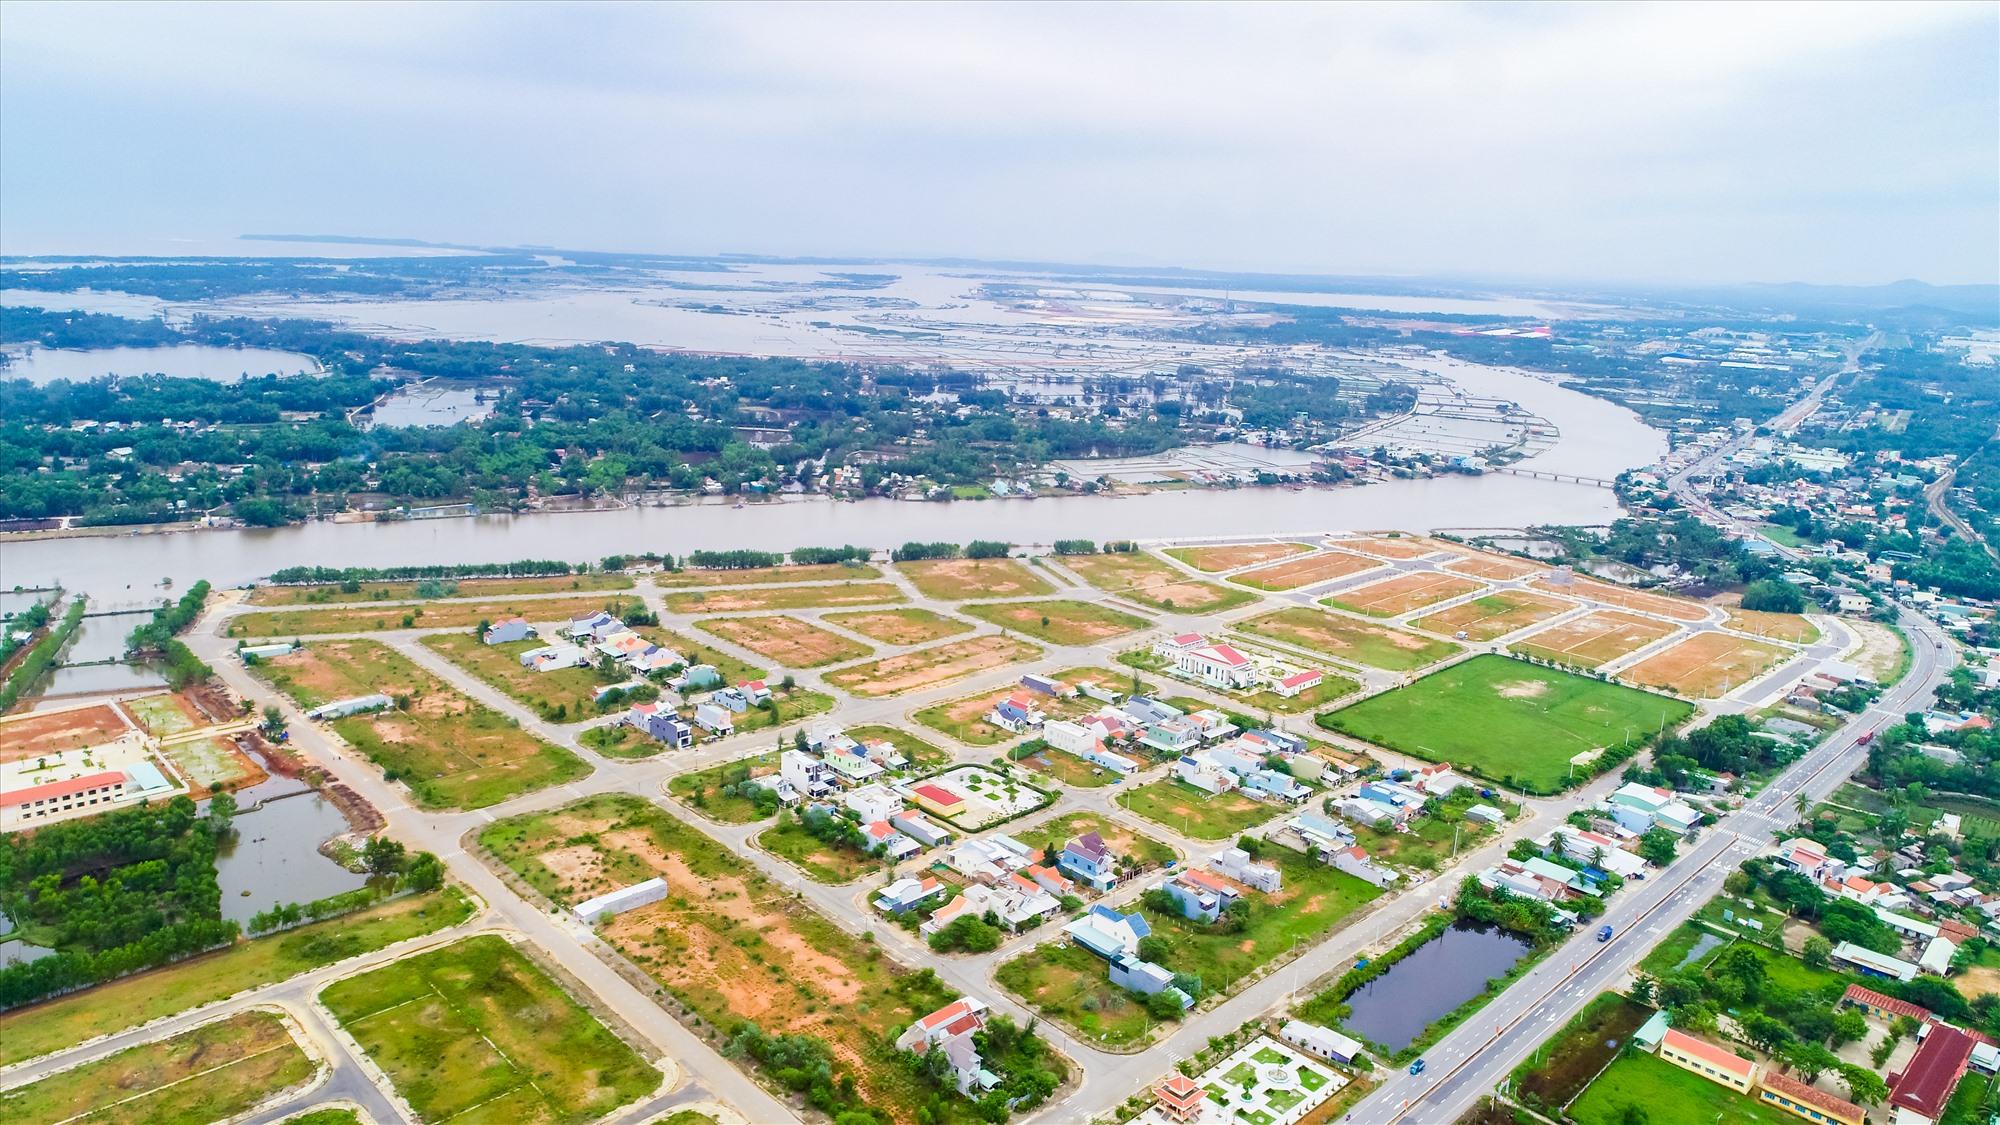 Chu Lai Riverside nằm ven sông Trường Giang, cửa ngõ các KCN lớn, kết nối sân bay Chu Lai, có hạ tầng, pháp lý hoàn thiện, dân cư đông đúc